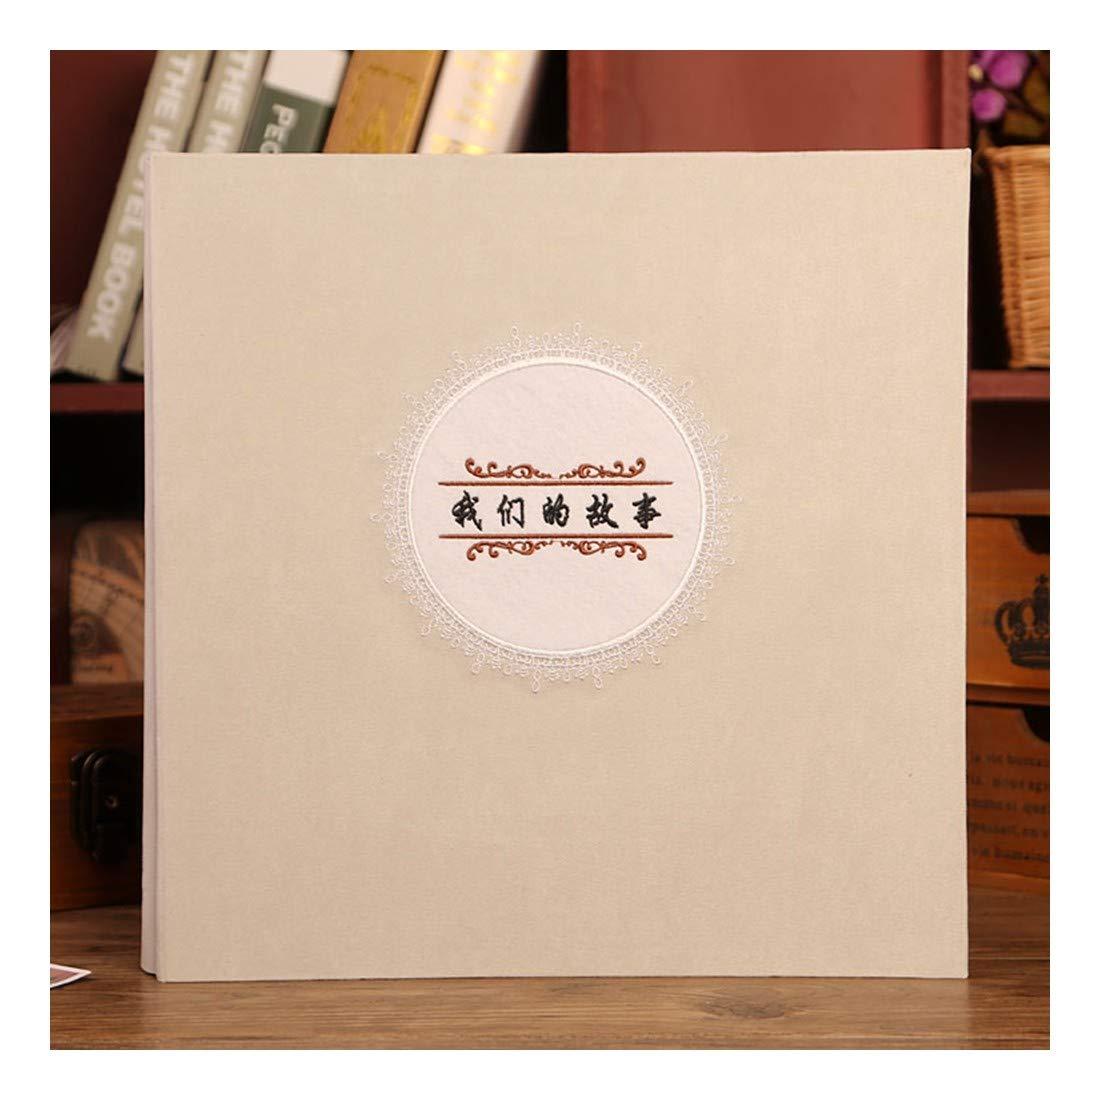 ZHAOXIANGXIANG Gran Álbum De Familia 23567810 Pulgadas Inserto De Plástico Tipo Foto Par Los Niños Bebé Álbum Mix,Ver Gráfico